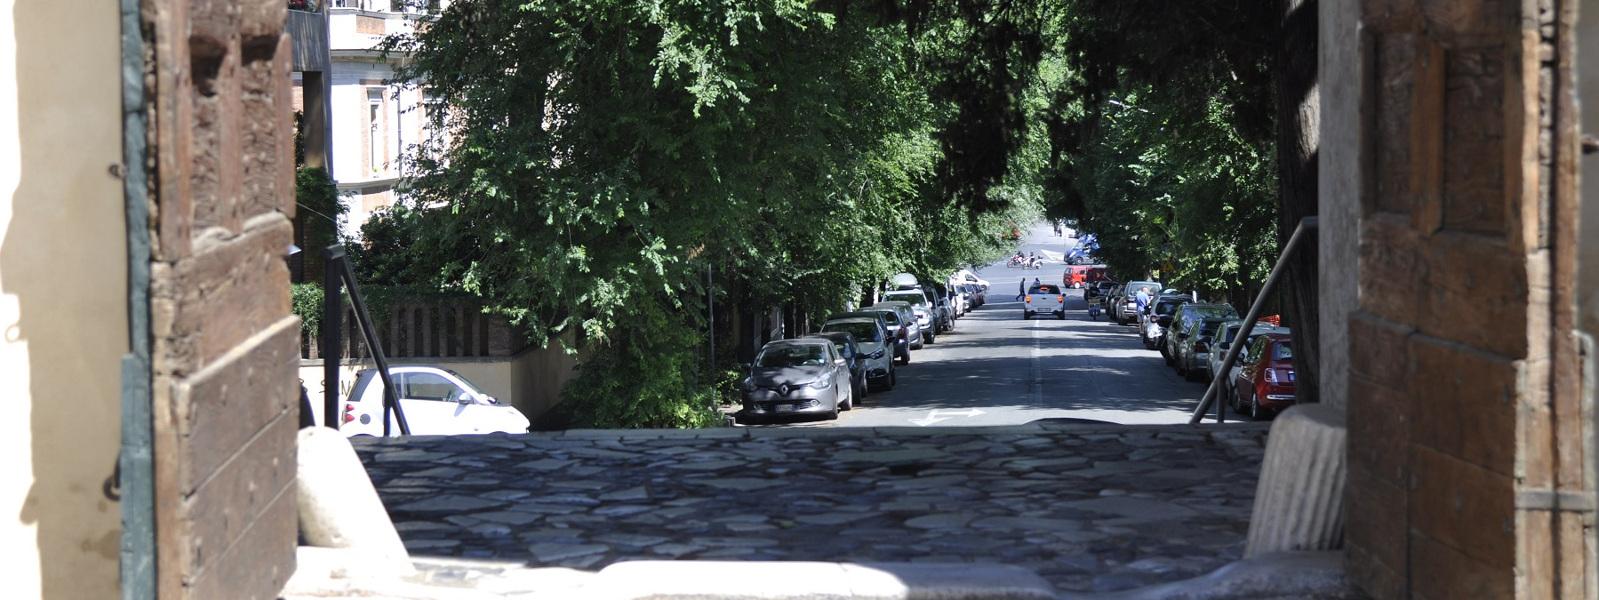 Uscita dal cortile della basilica e vista sul rione di san Saba - Basilica di san Saba sull'Aventino minore, Roma